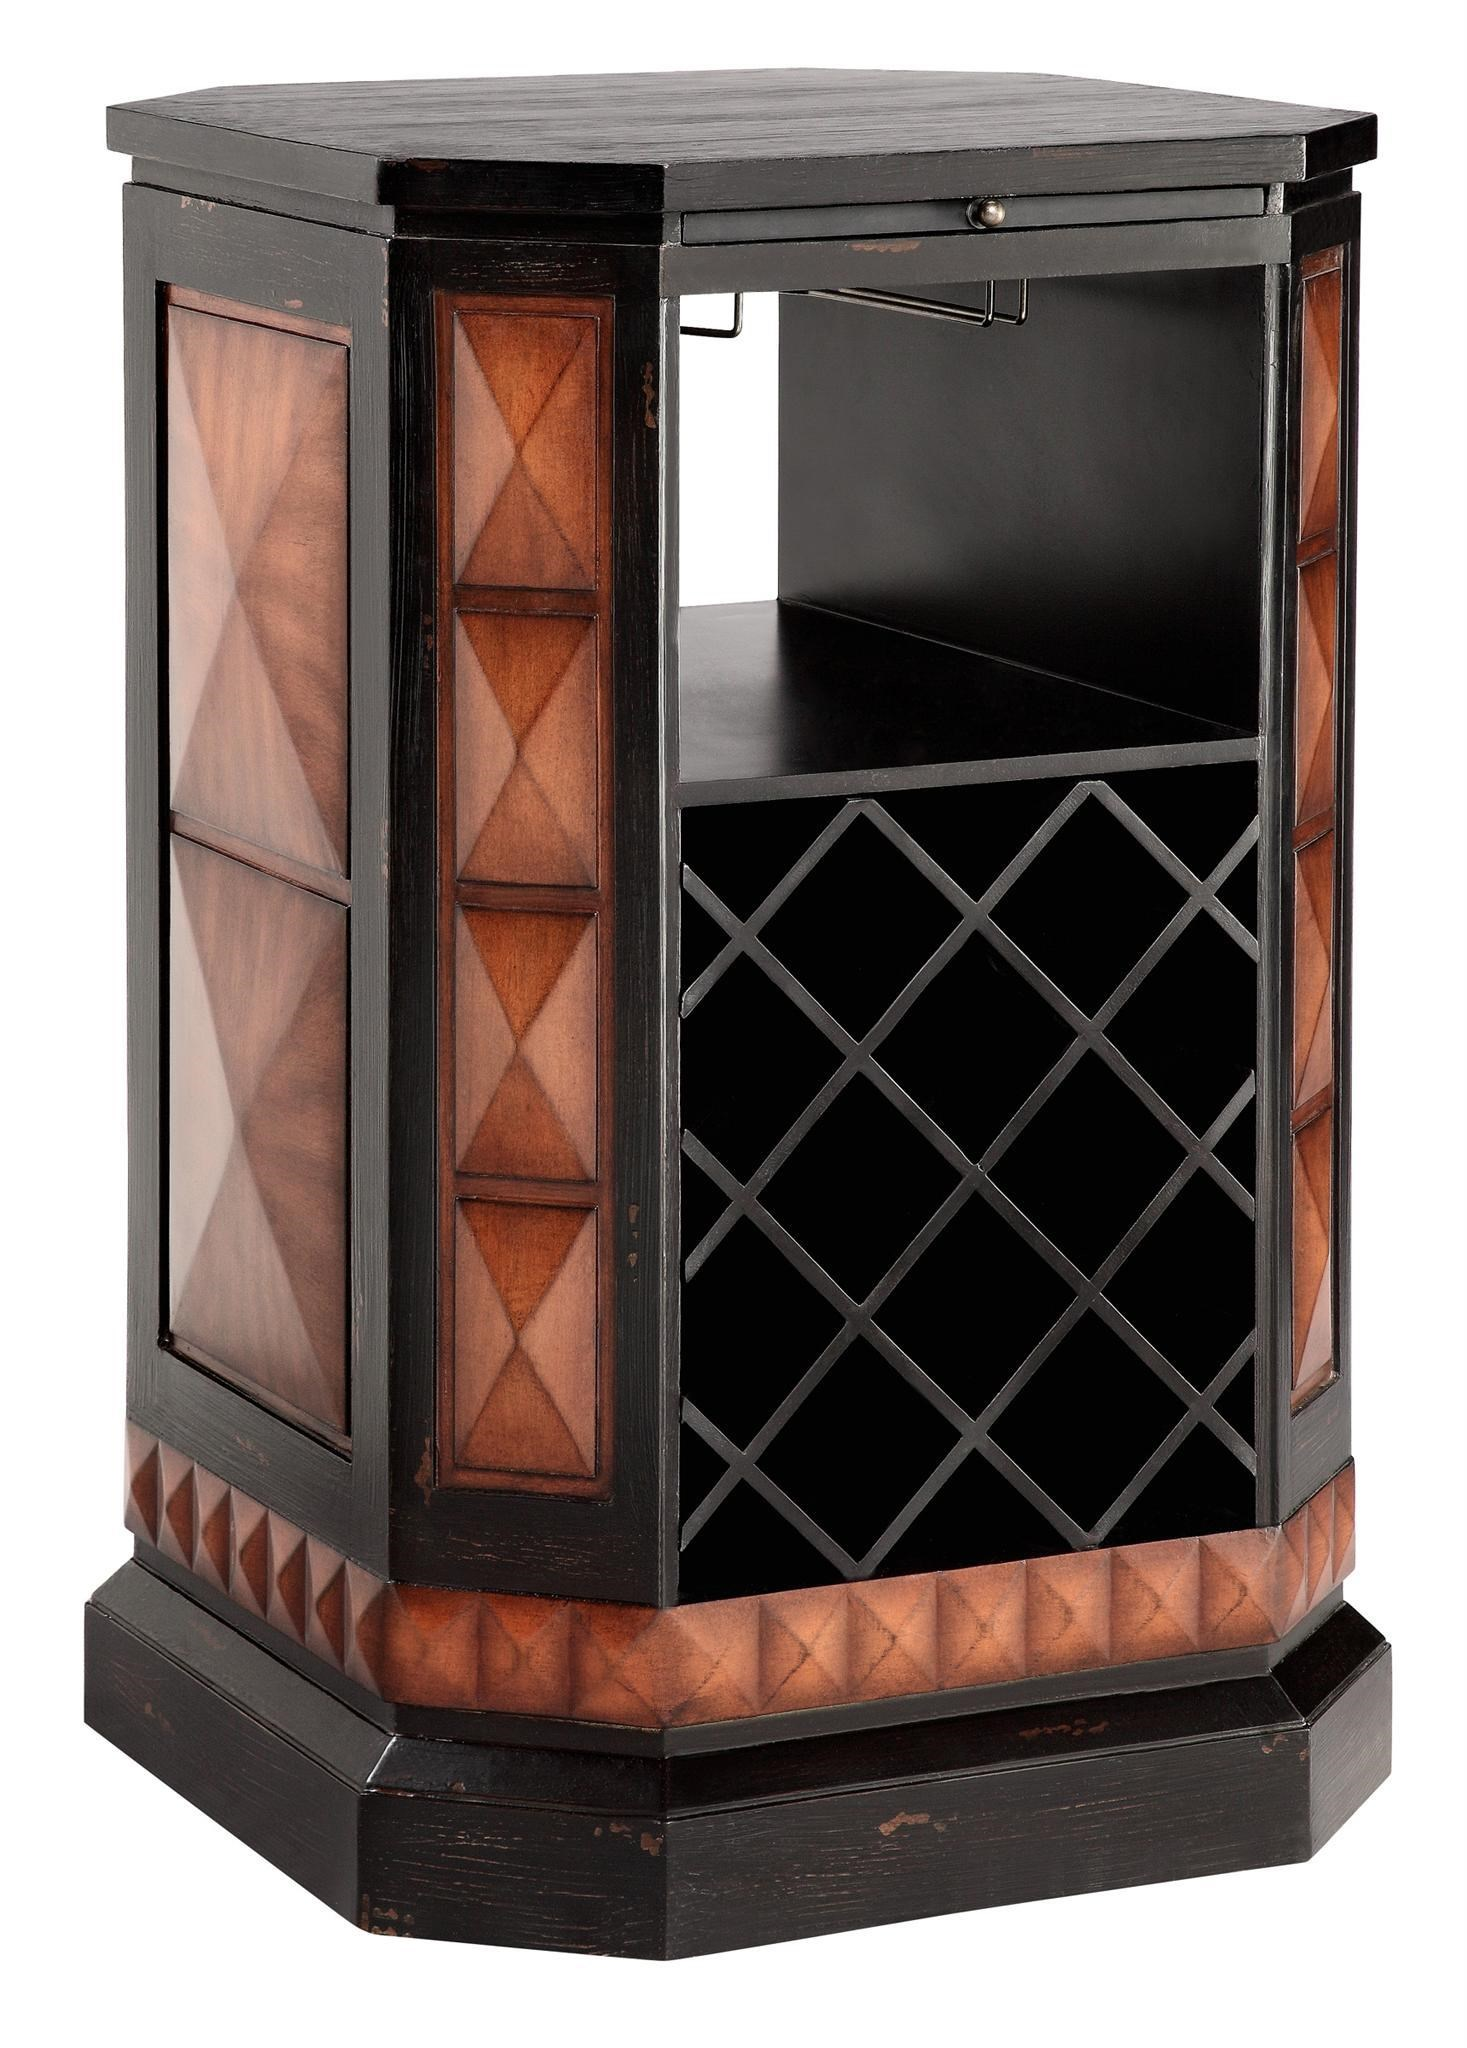 Stein World Wine Cabinet